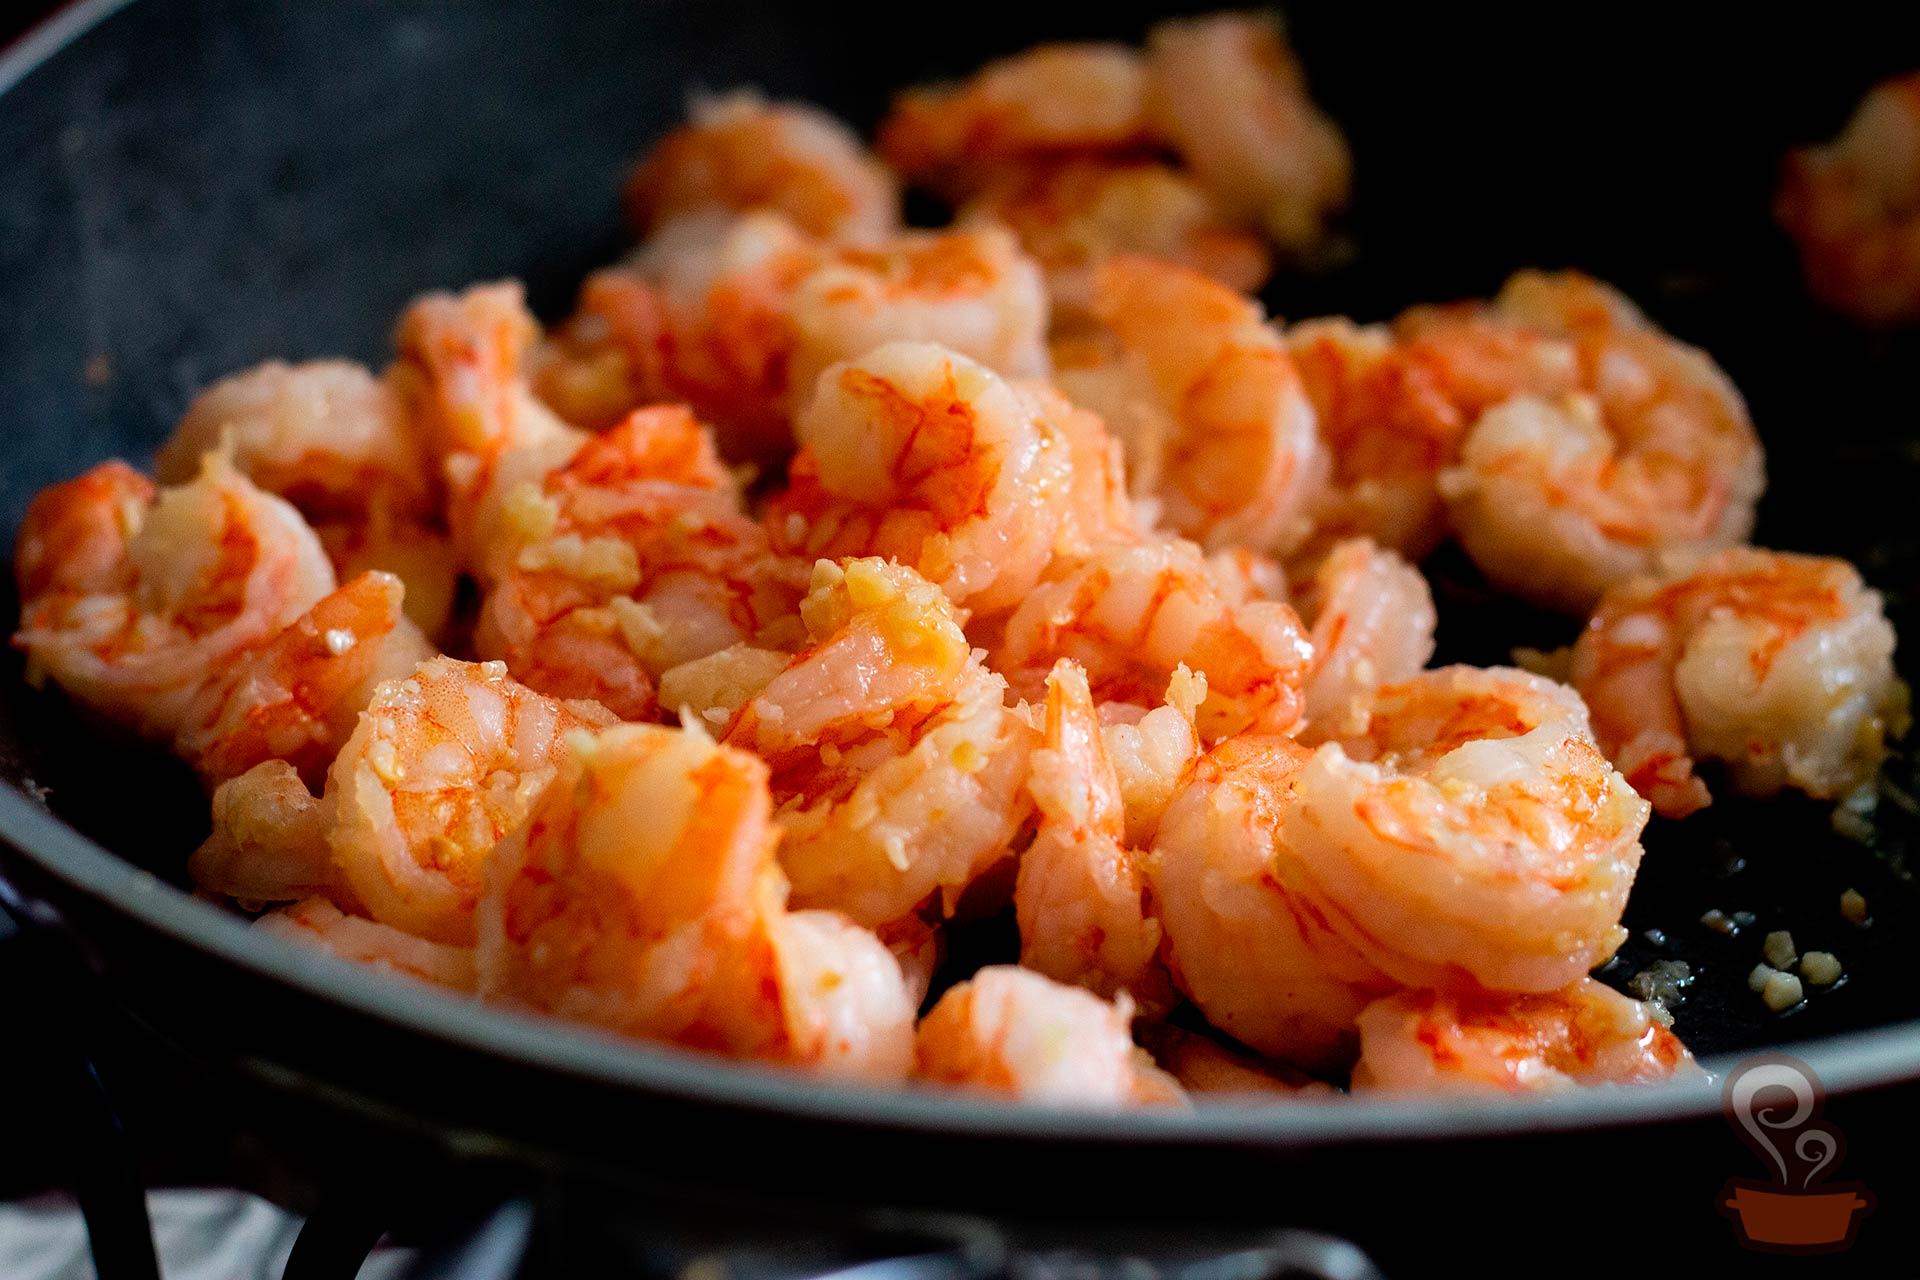 Imagem: Esse risoto integral leva camarão e vai te conquistar já na primeira garfada. Foto: Na Minha Panela.